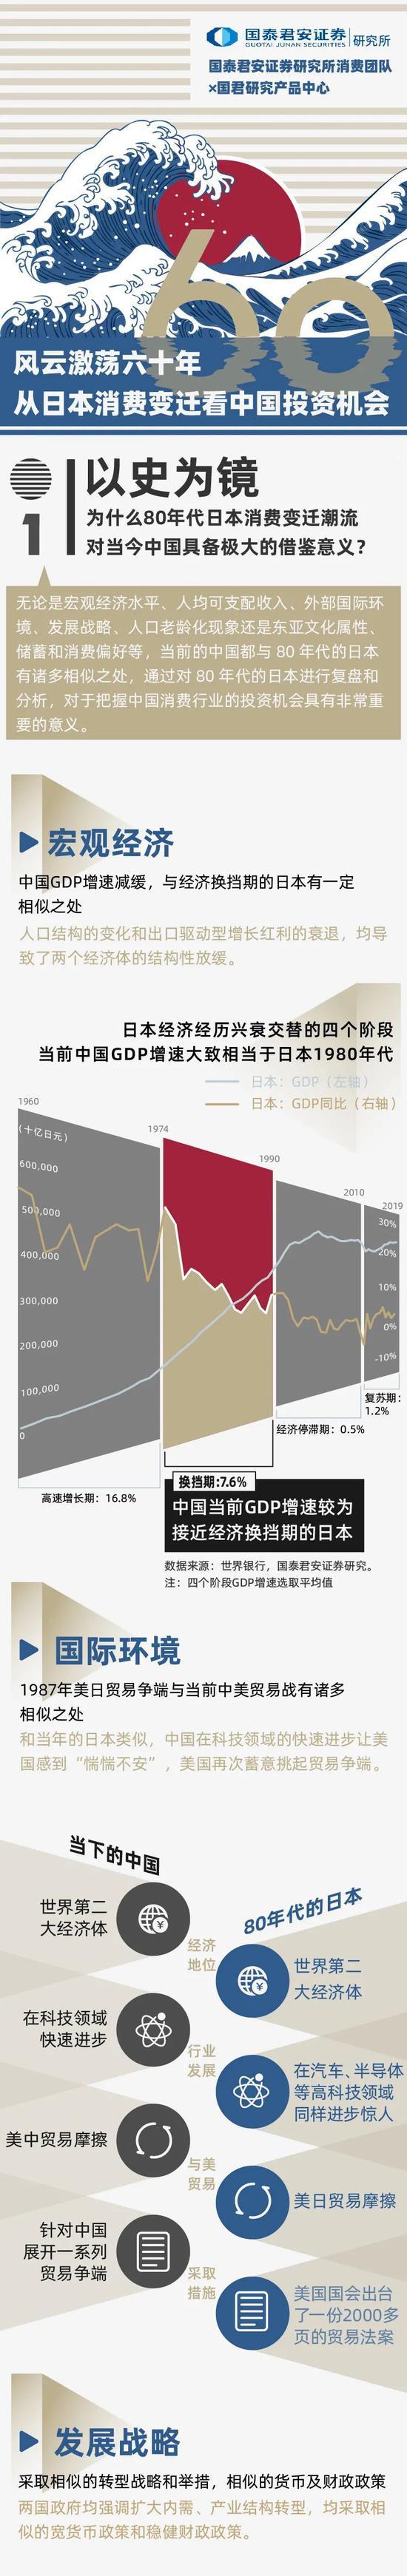 国泰君安:从日本消费的60年变迁 读懂中国的未来机会